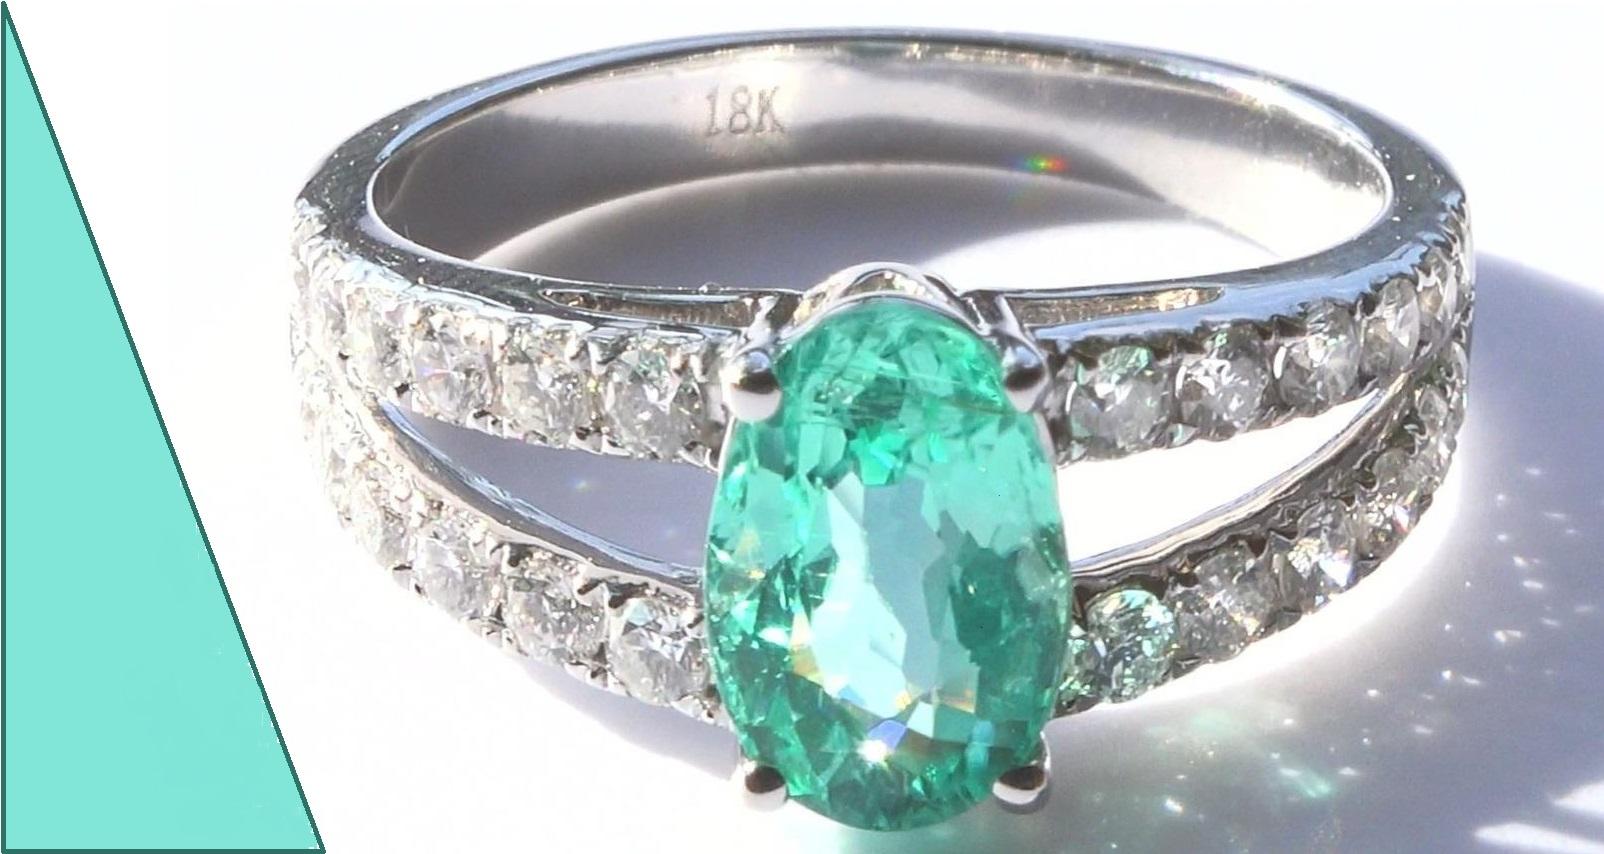 GIA Natural Blue Green Paraiba Tourmaline Diamond 18k White Gold Ring 2.61 TCW